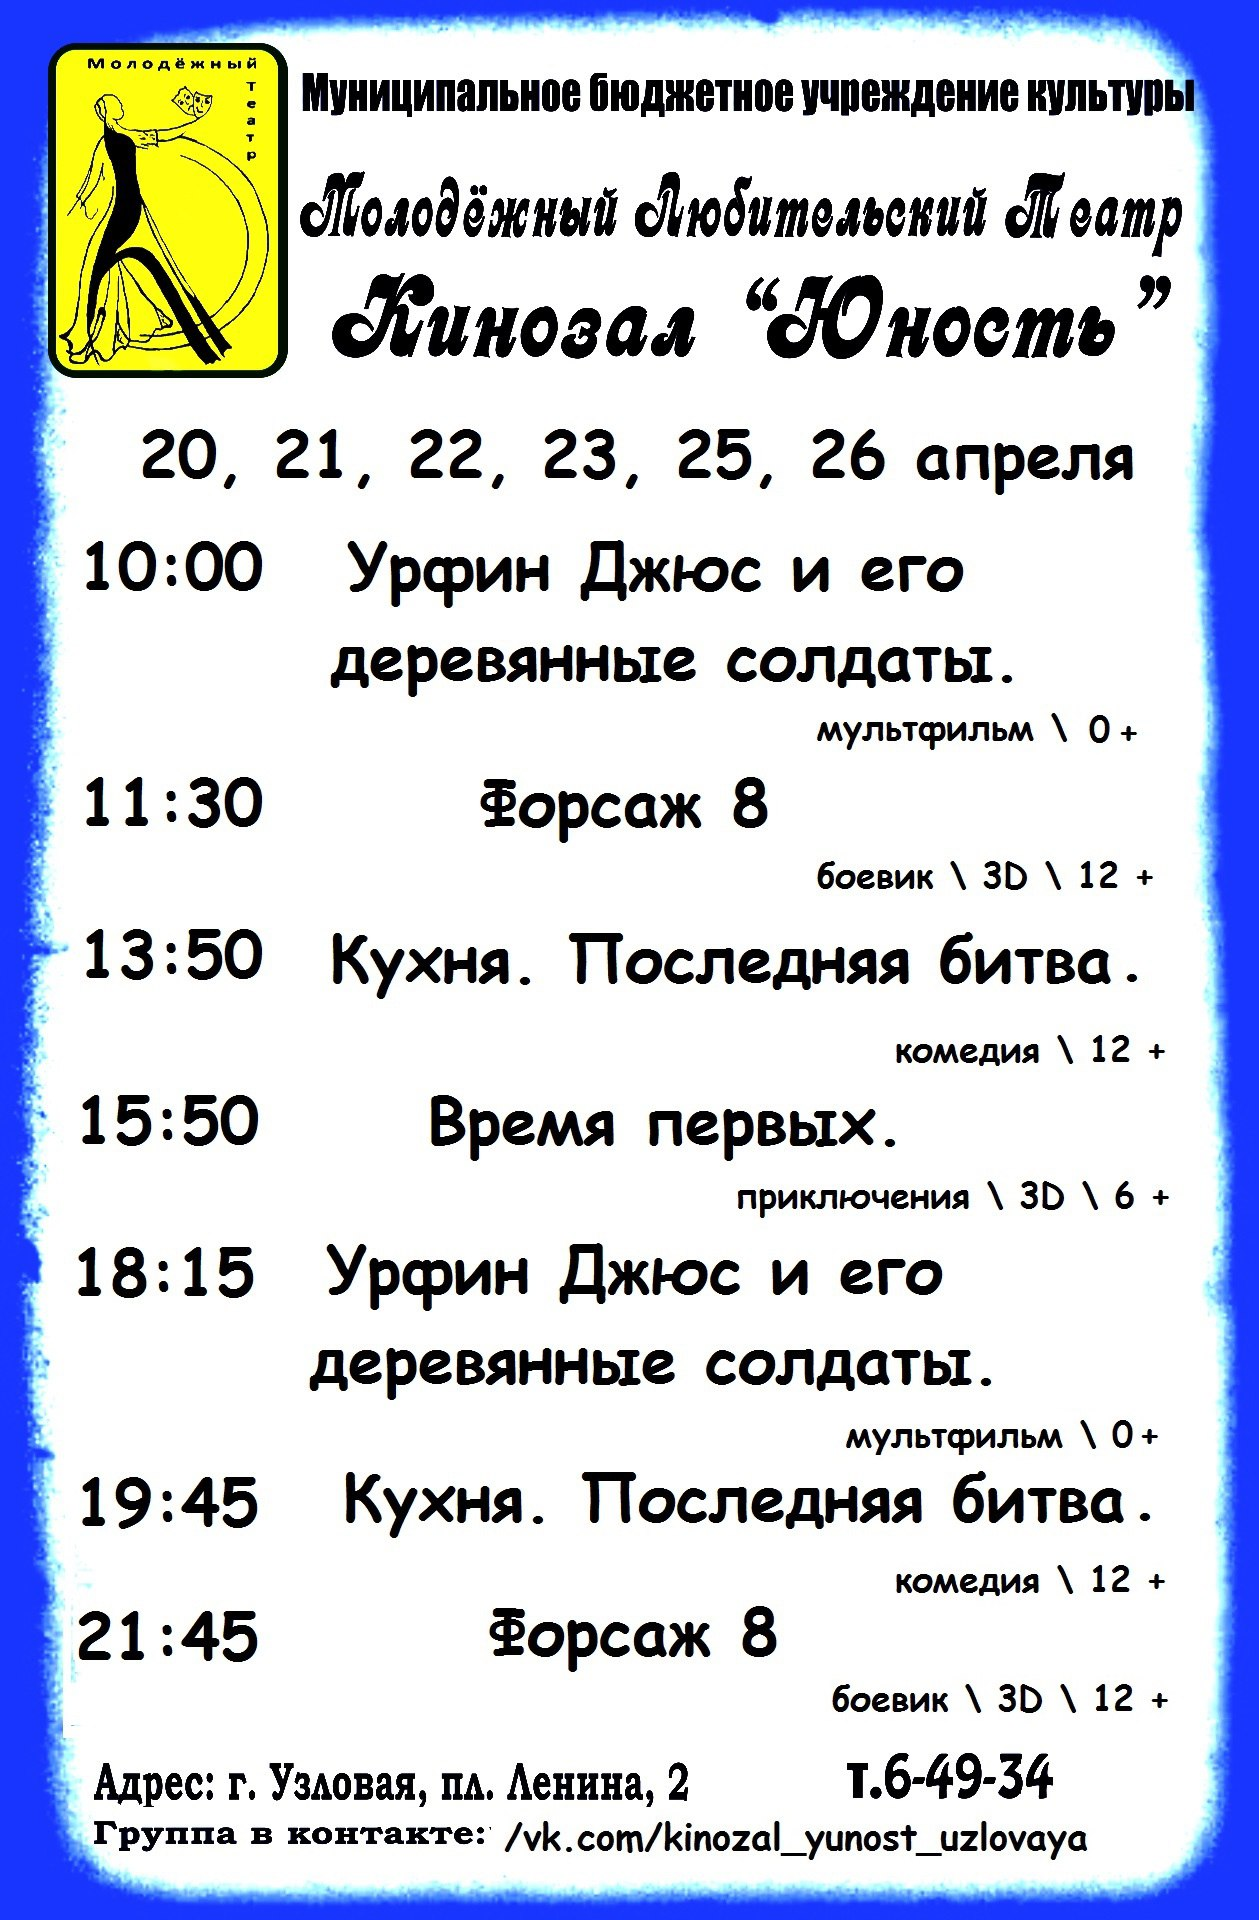 """Расписание кинозала """" Юность """" с 20 по 26 апреля"""